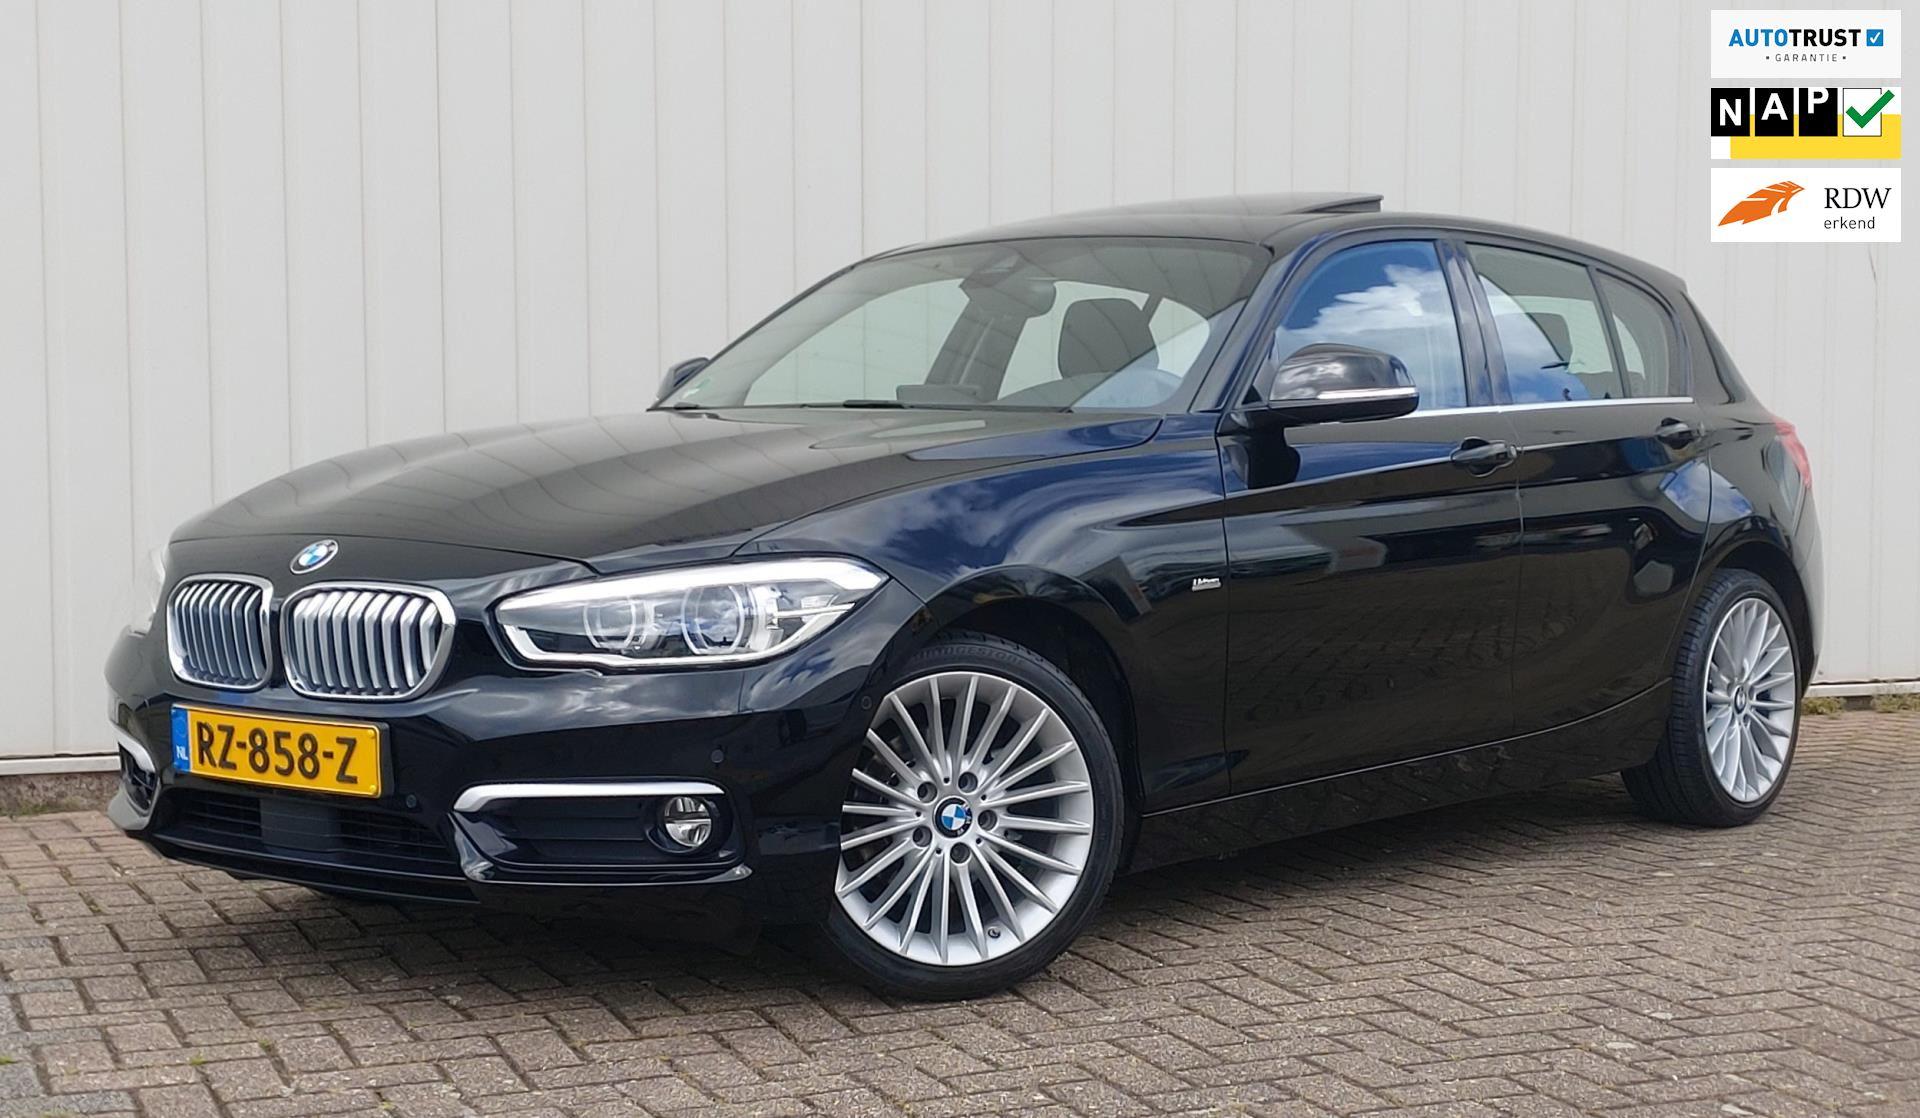 BMW 1-serie occasion - Heel Holland Rijdt